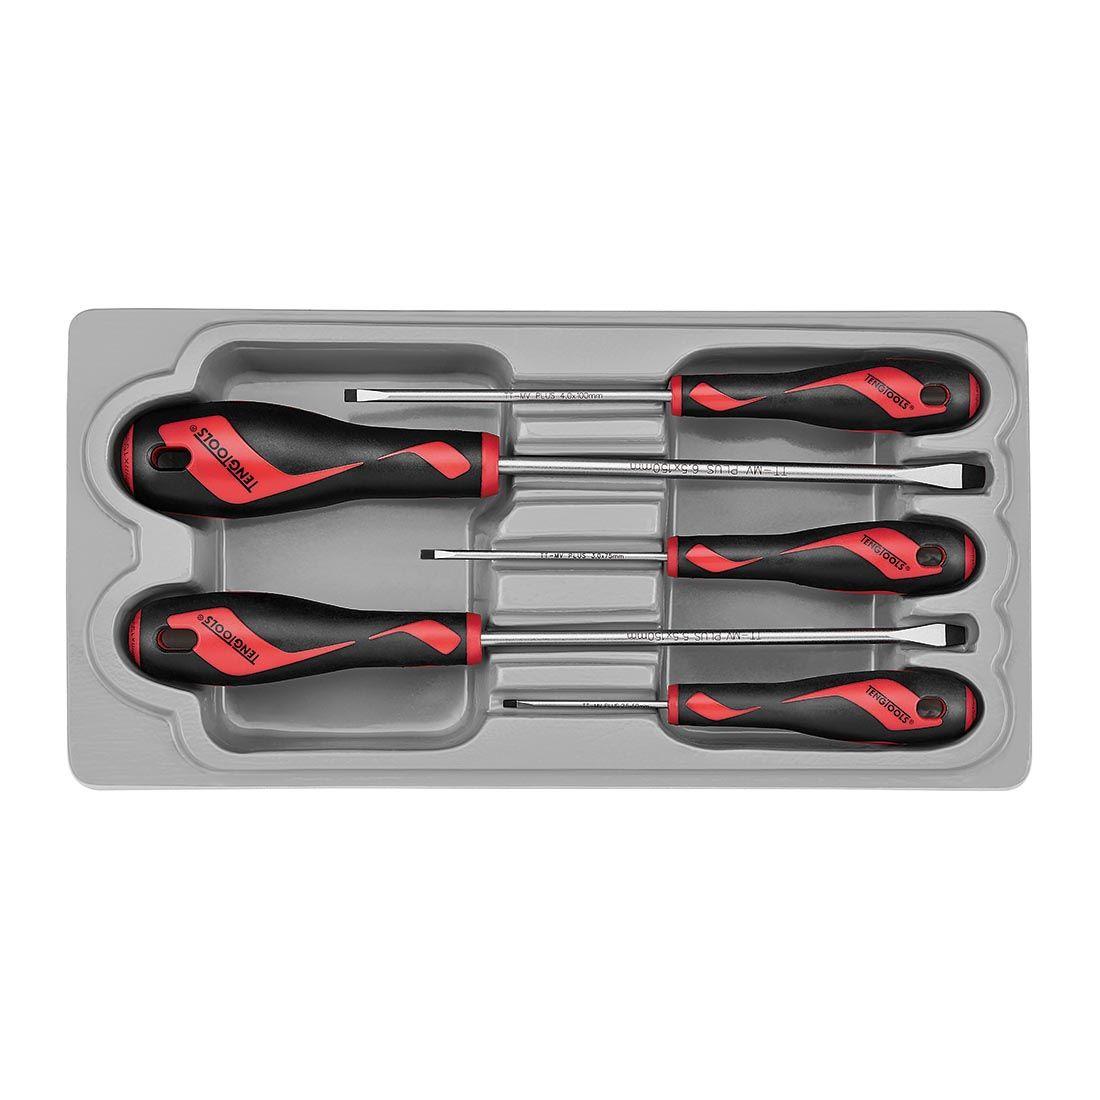 Teng Tools Flat Screwdriver Set 5 Piece